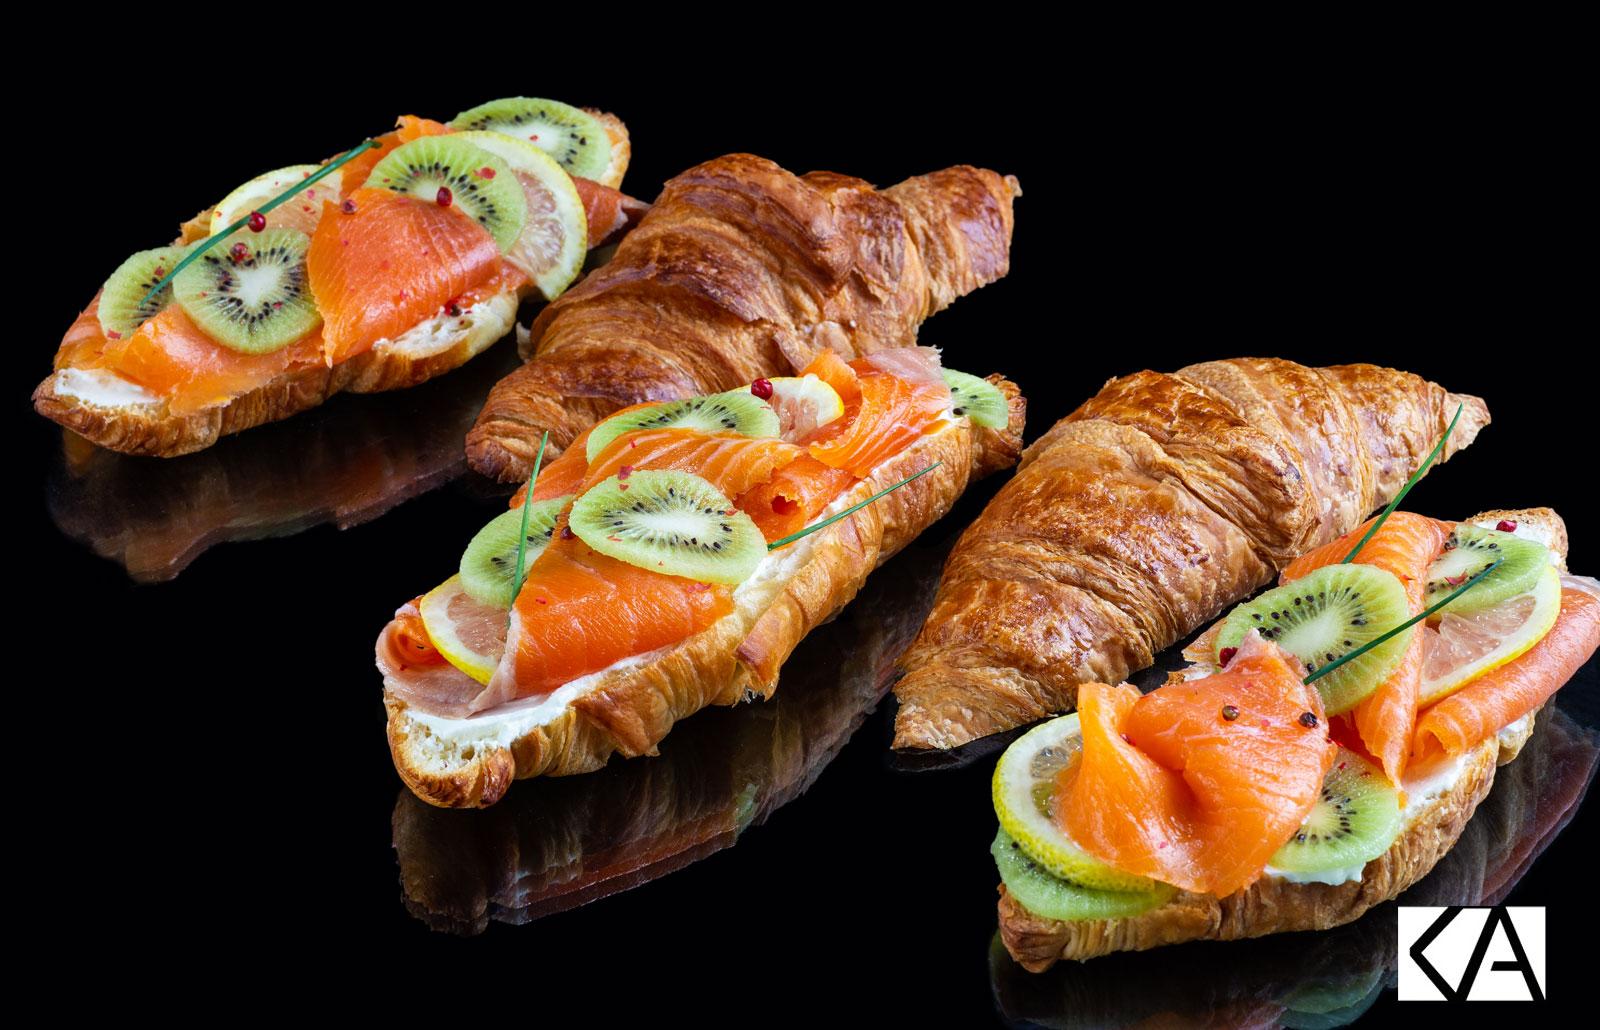 Recette de croissants au Kiwi de l'Adour et saumon